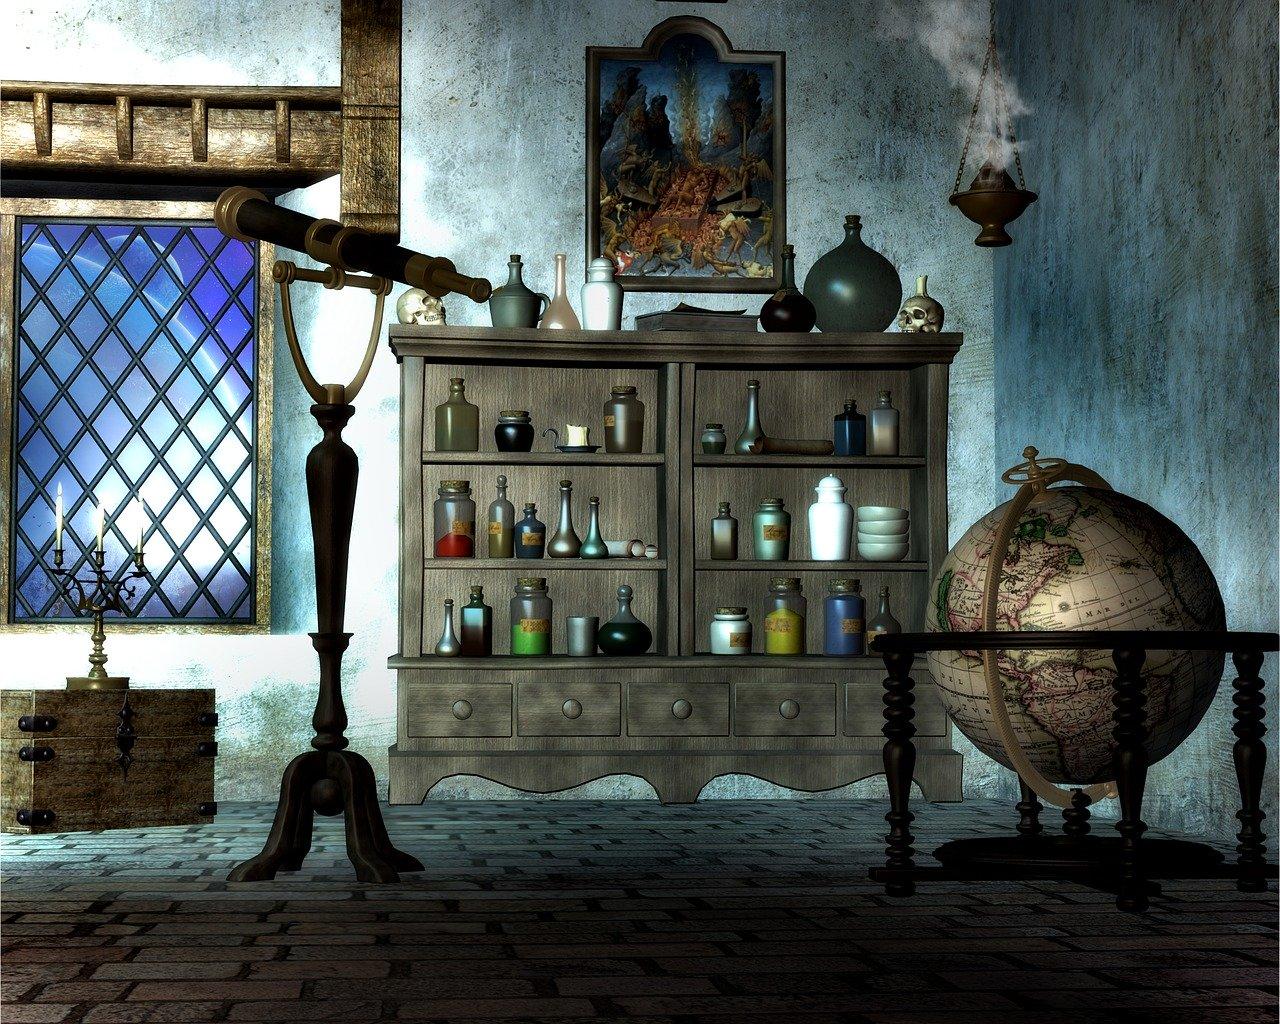 降霊術による精霊召喚 by占いとか魔術とか所蔵画像